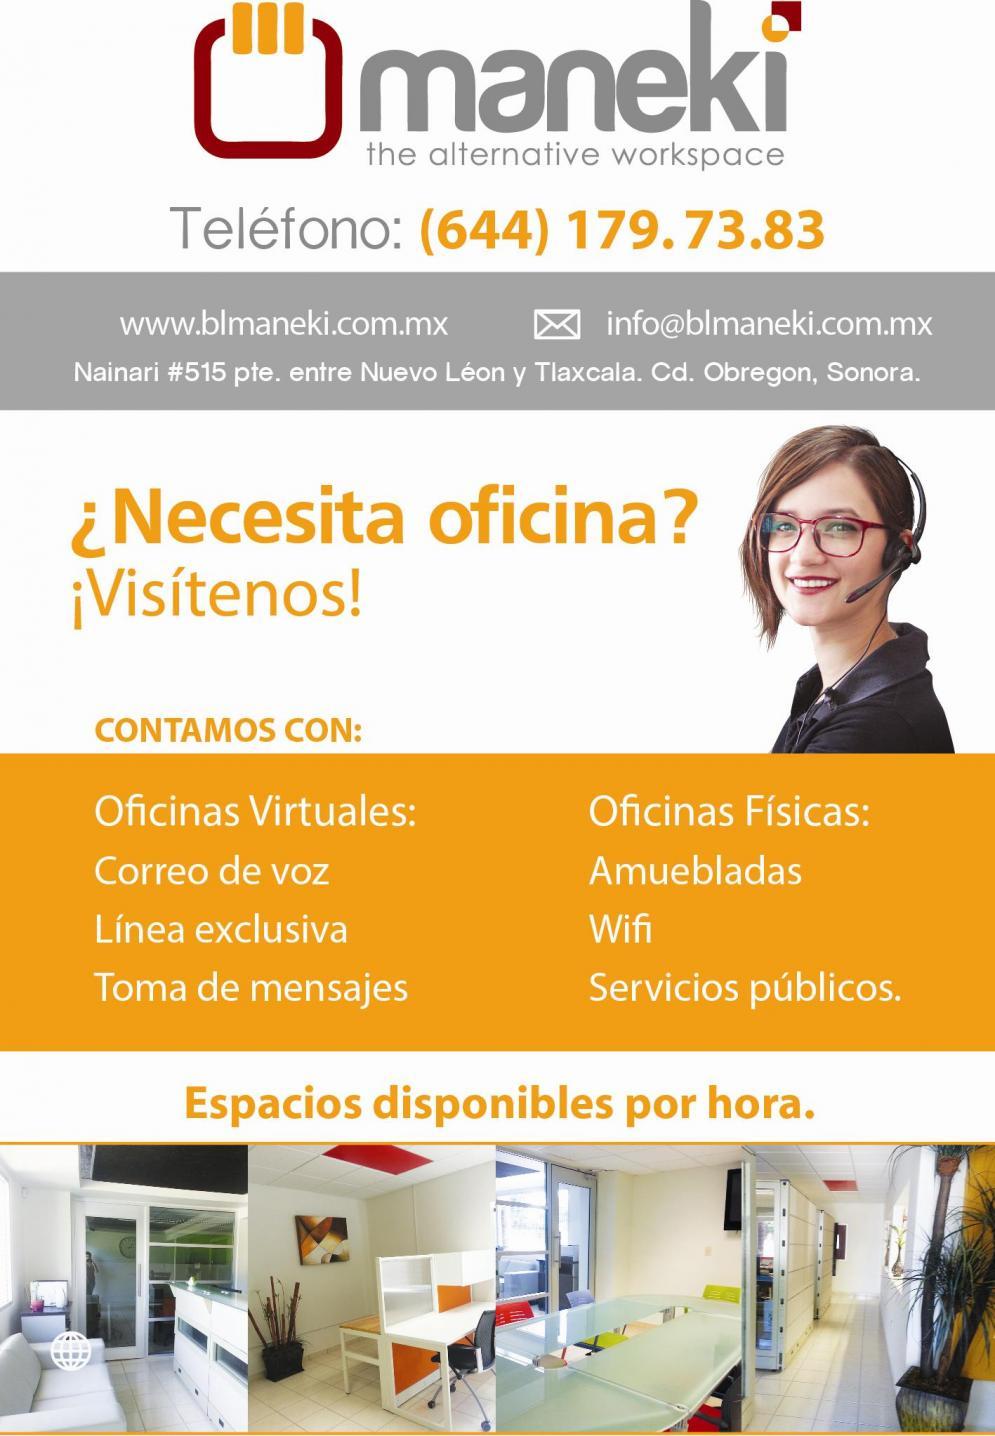 Maneki oficinas virtuales y fisicas en ciudad obreg n for Alquiler de oficinas por horas